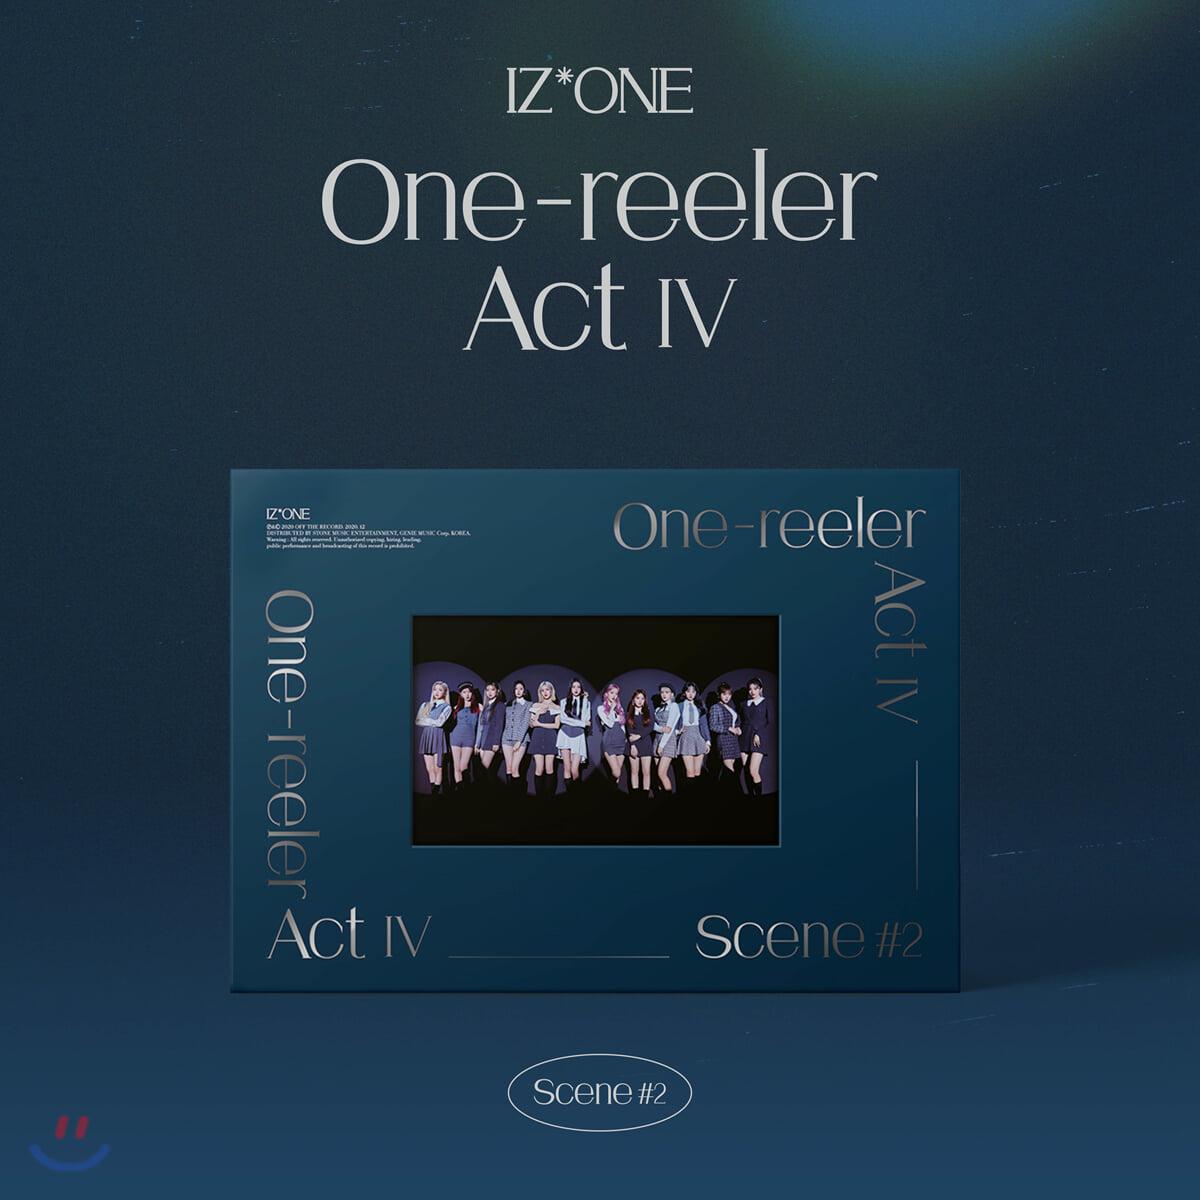 아이즈원 (IZ*ONE) - 미니앨범 4집 : One-reeler / Act IV [Scene #2 'Becoming One']